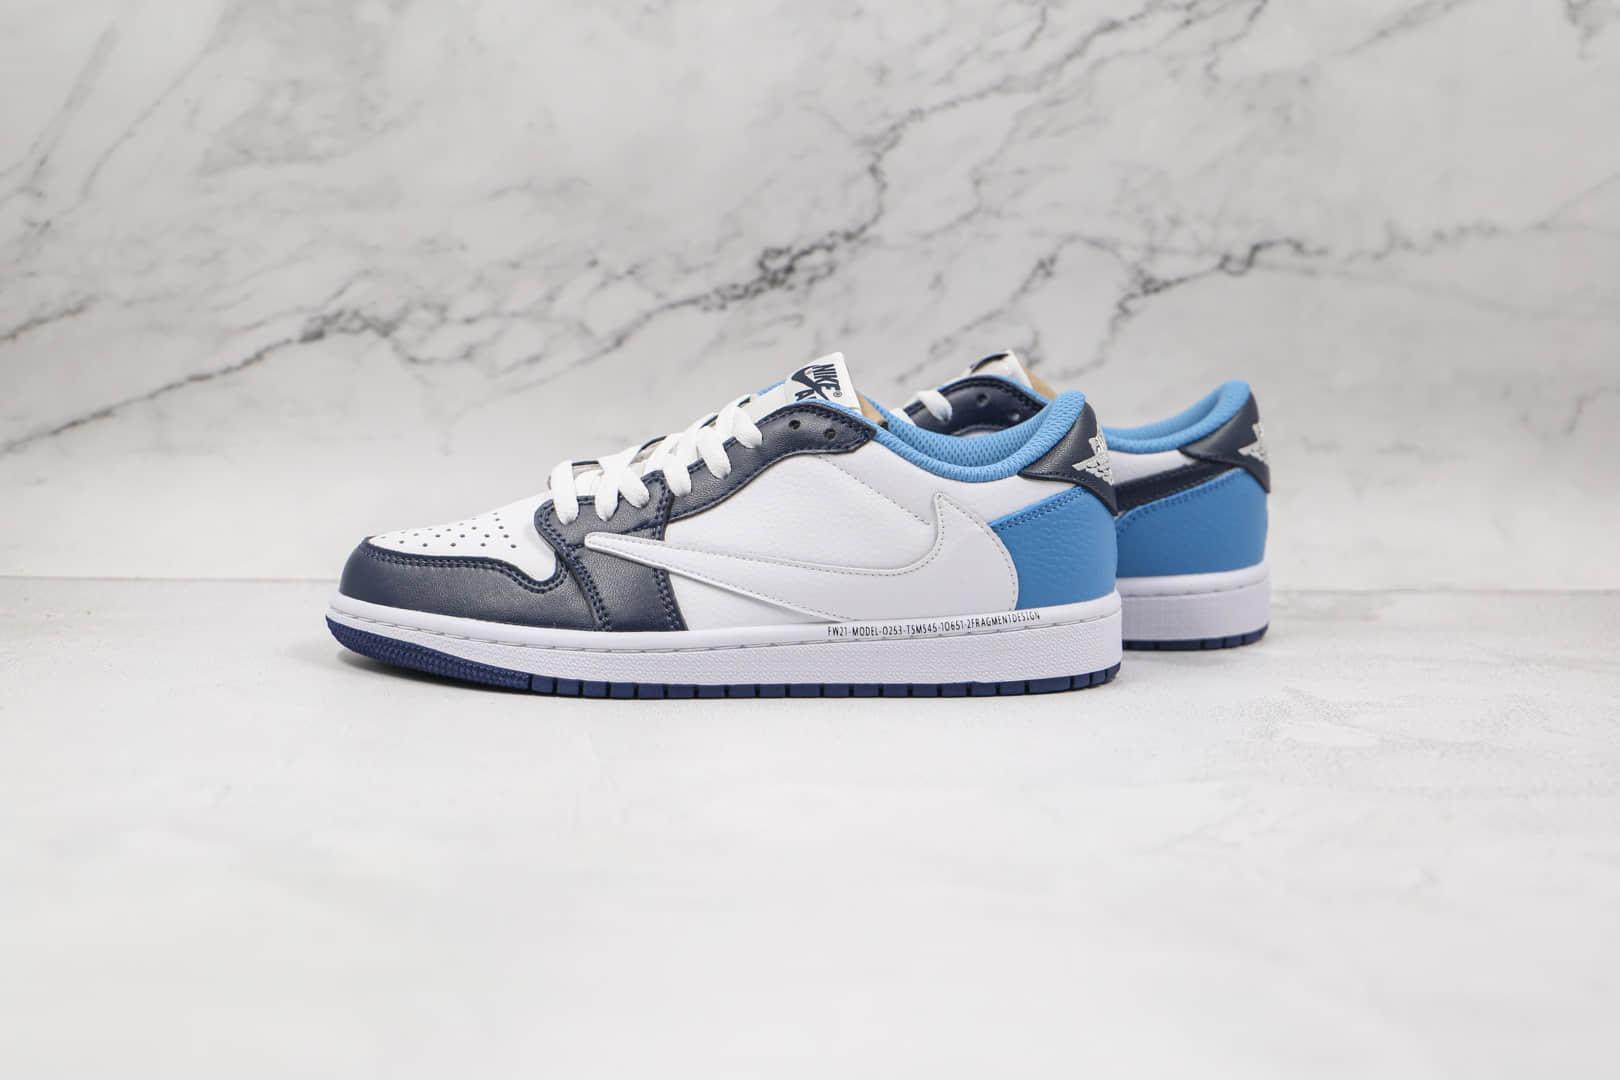 乔丹Air Jordan 1 High OG TS SP纯原版本低帮AJ1倒钩白蓝色板鞋原档案数据开发 货号:CQ4278-001